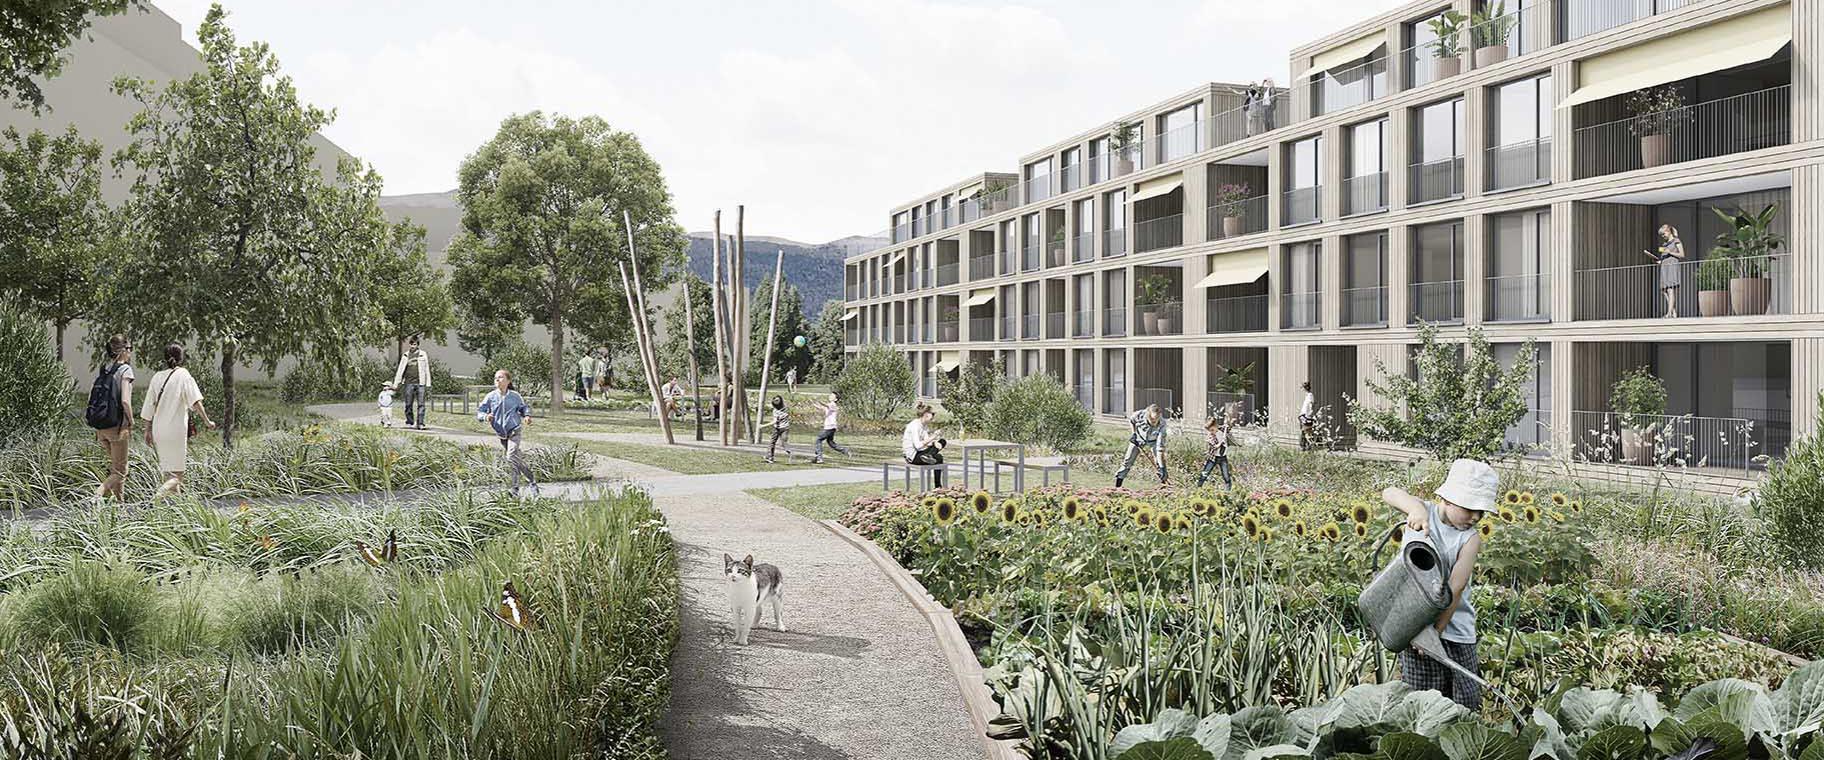 perpective-ecoquartier-echallens-crepon-est-codha-vimade-al30-architecture-paysage-jardins-partagés-ecologie-coopérative-entete